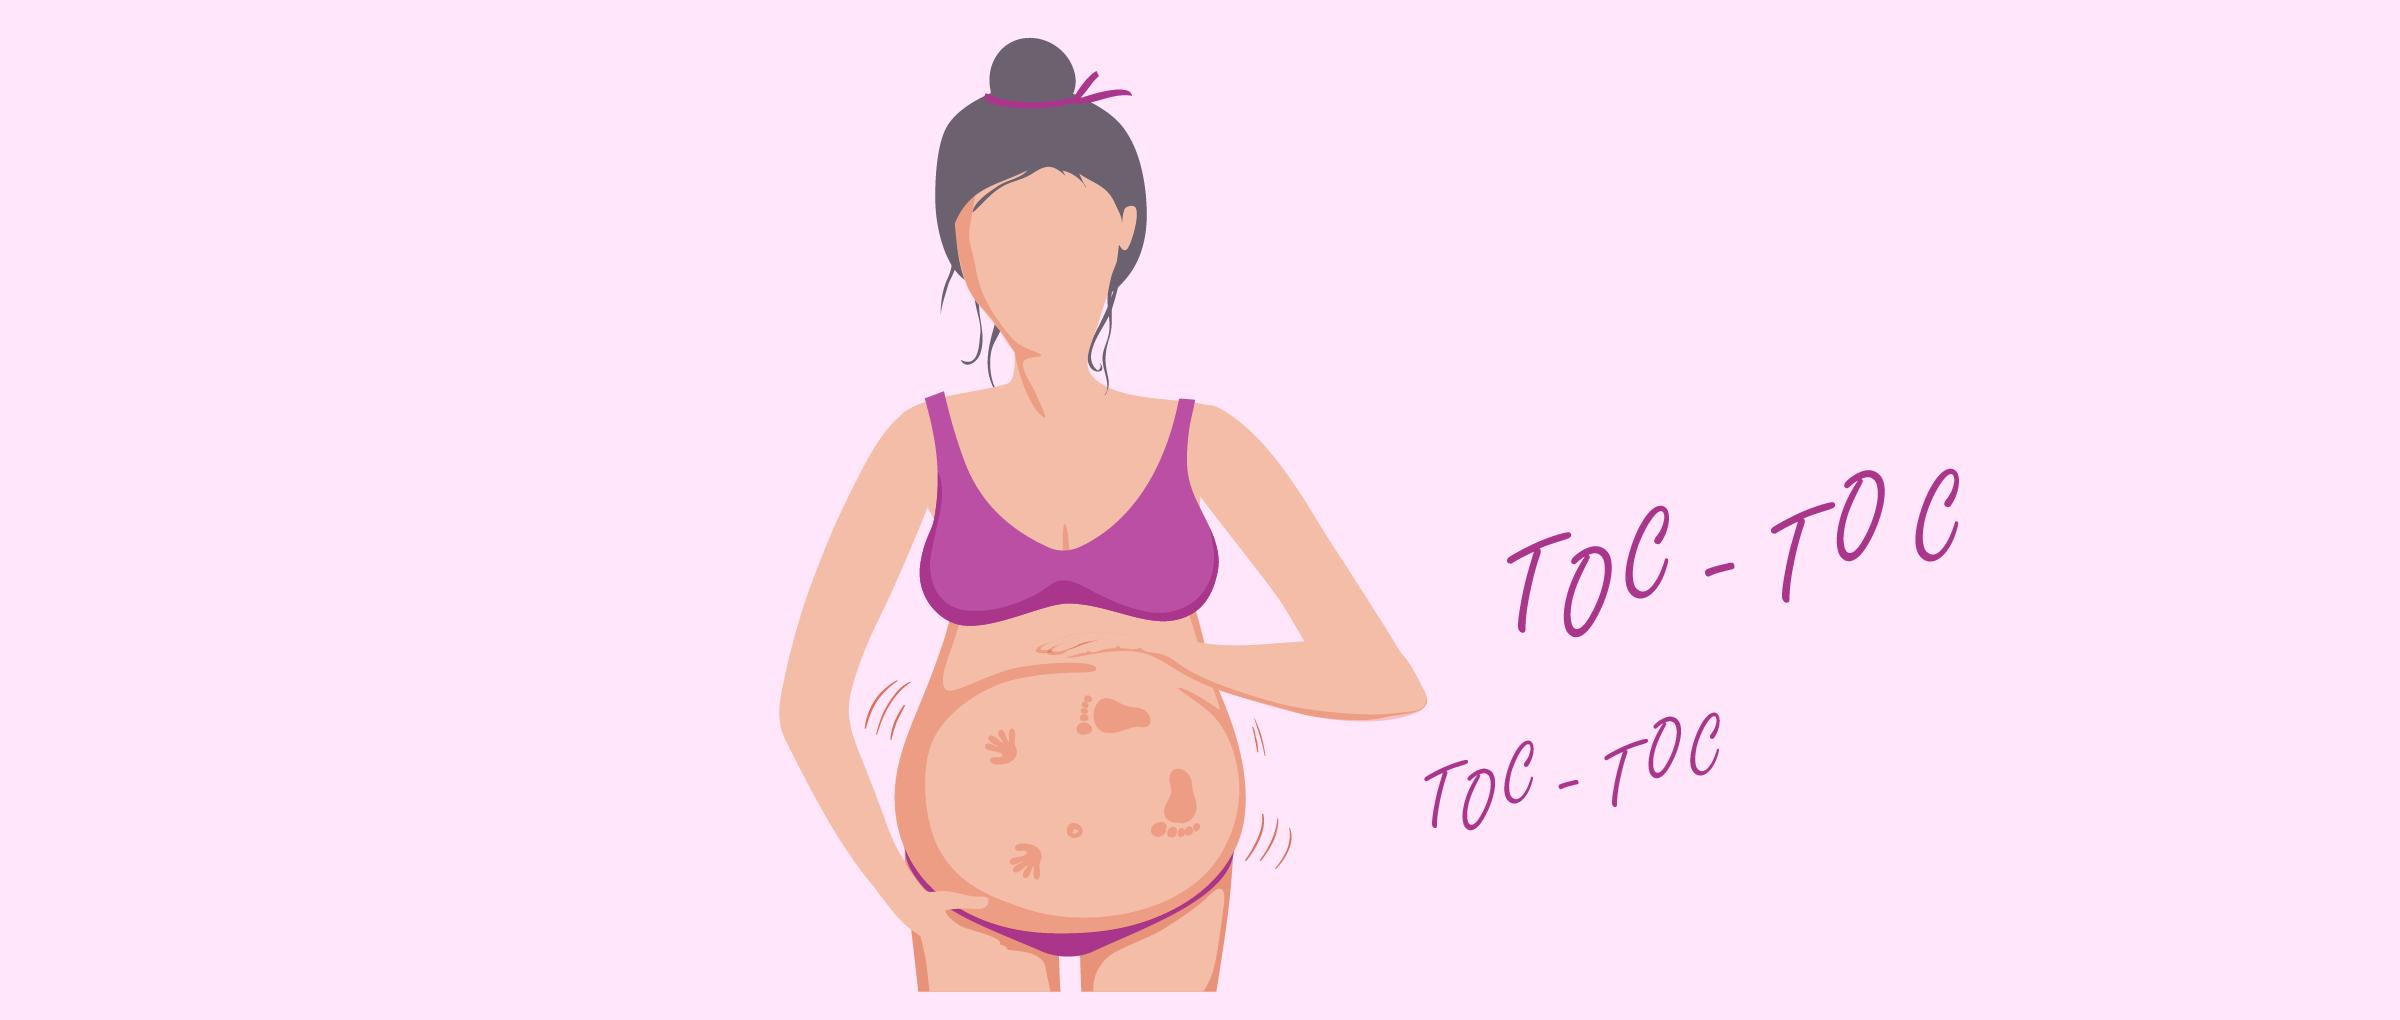 Mouvements du bébé à la semaine 19 de grossesse